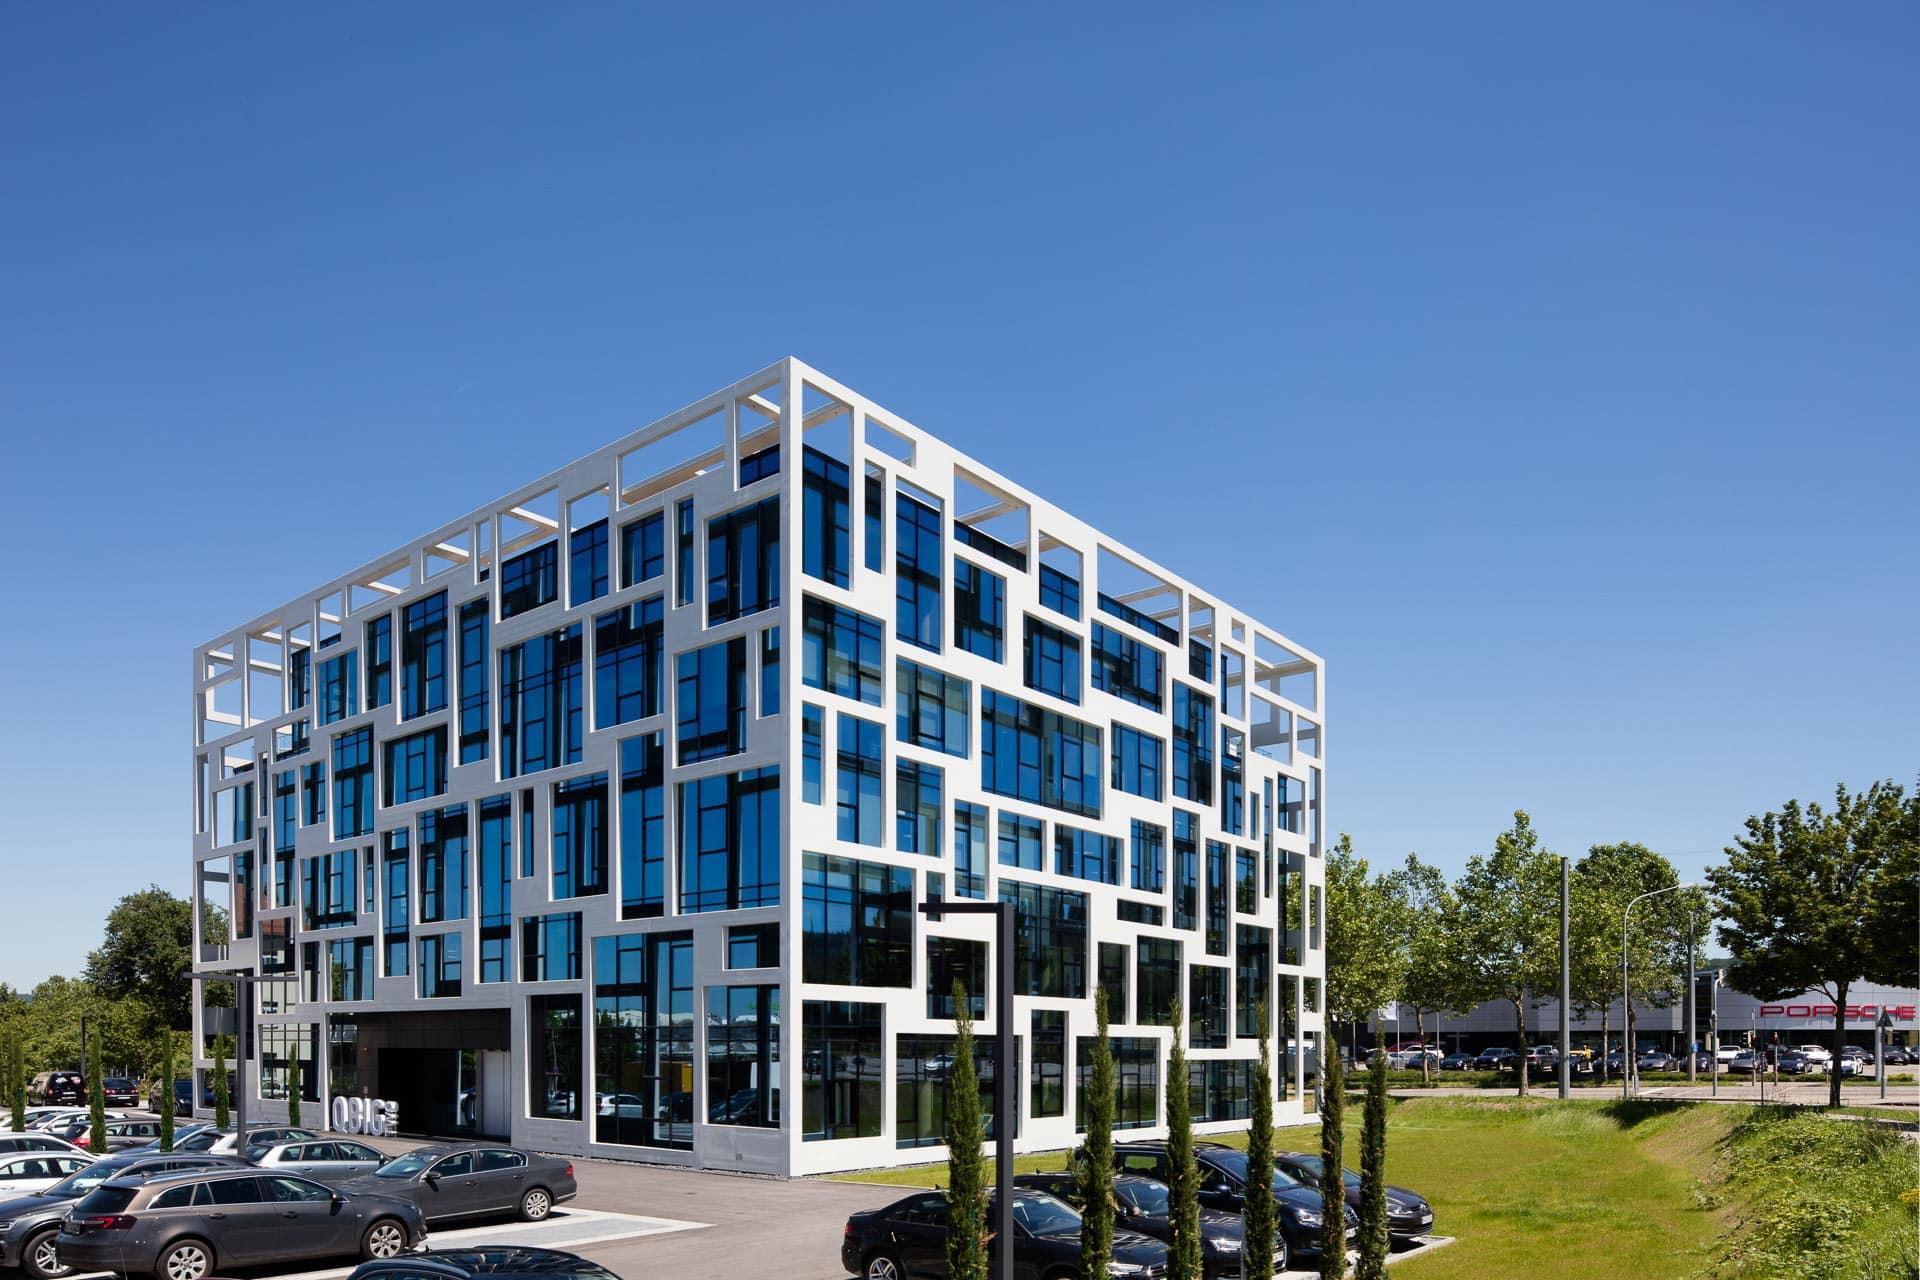 Bild Gebäude QBIG 2, Riemer Planung GmbH